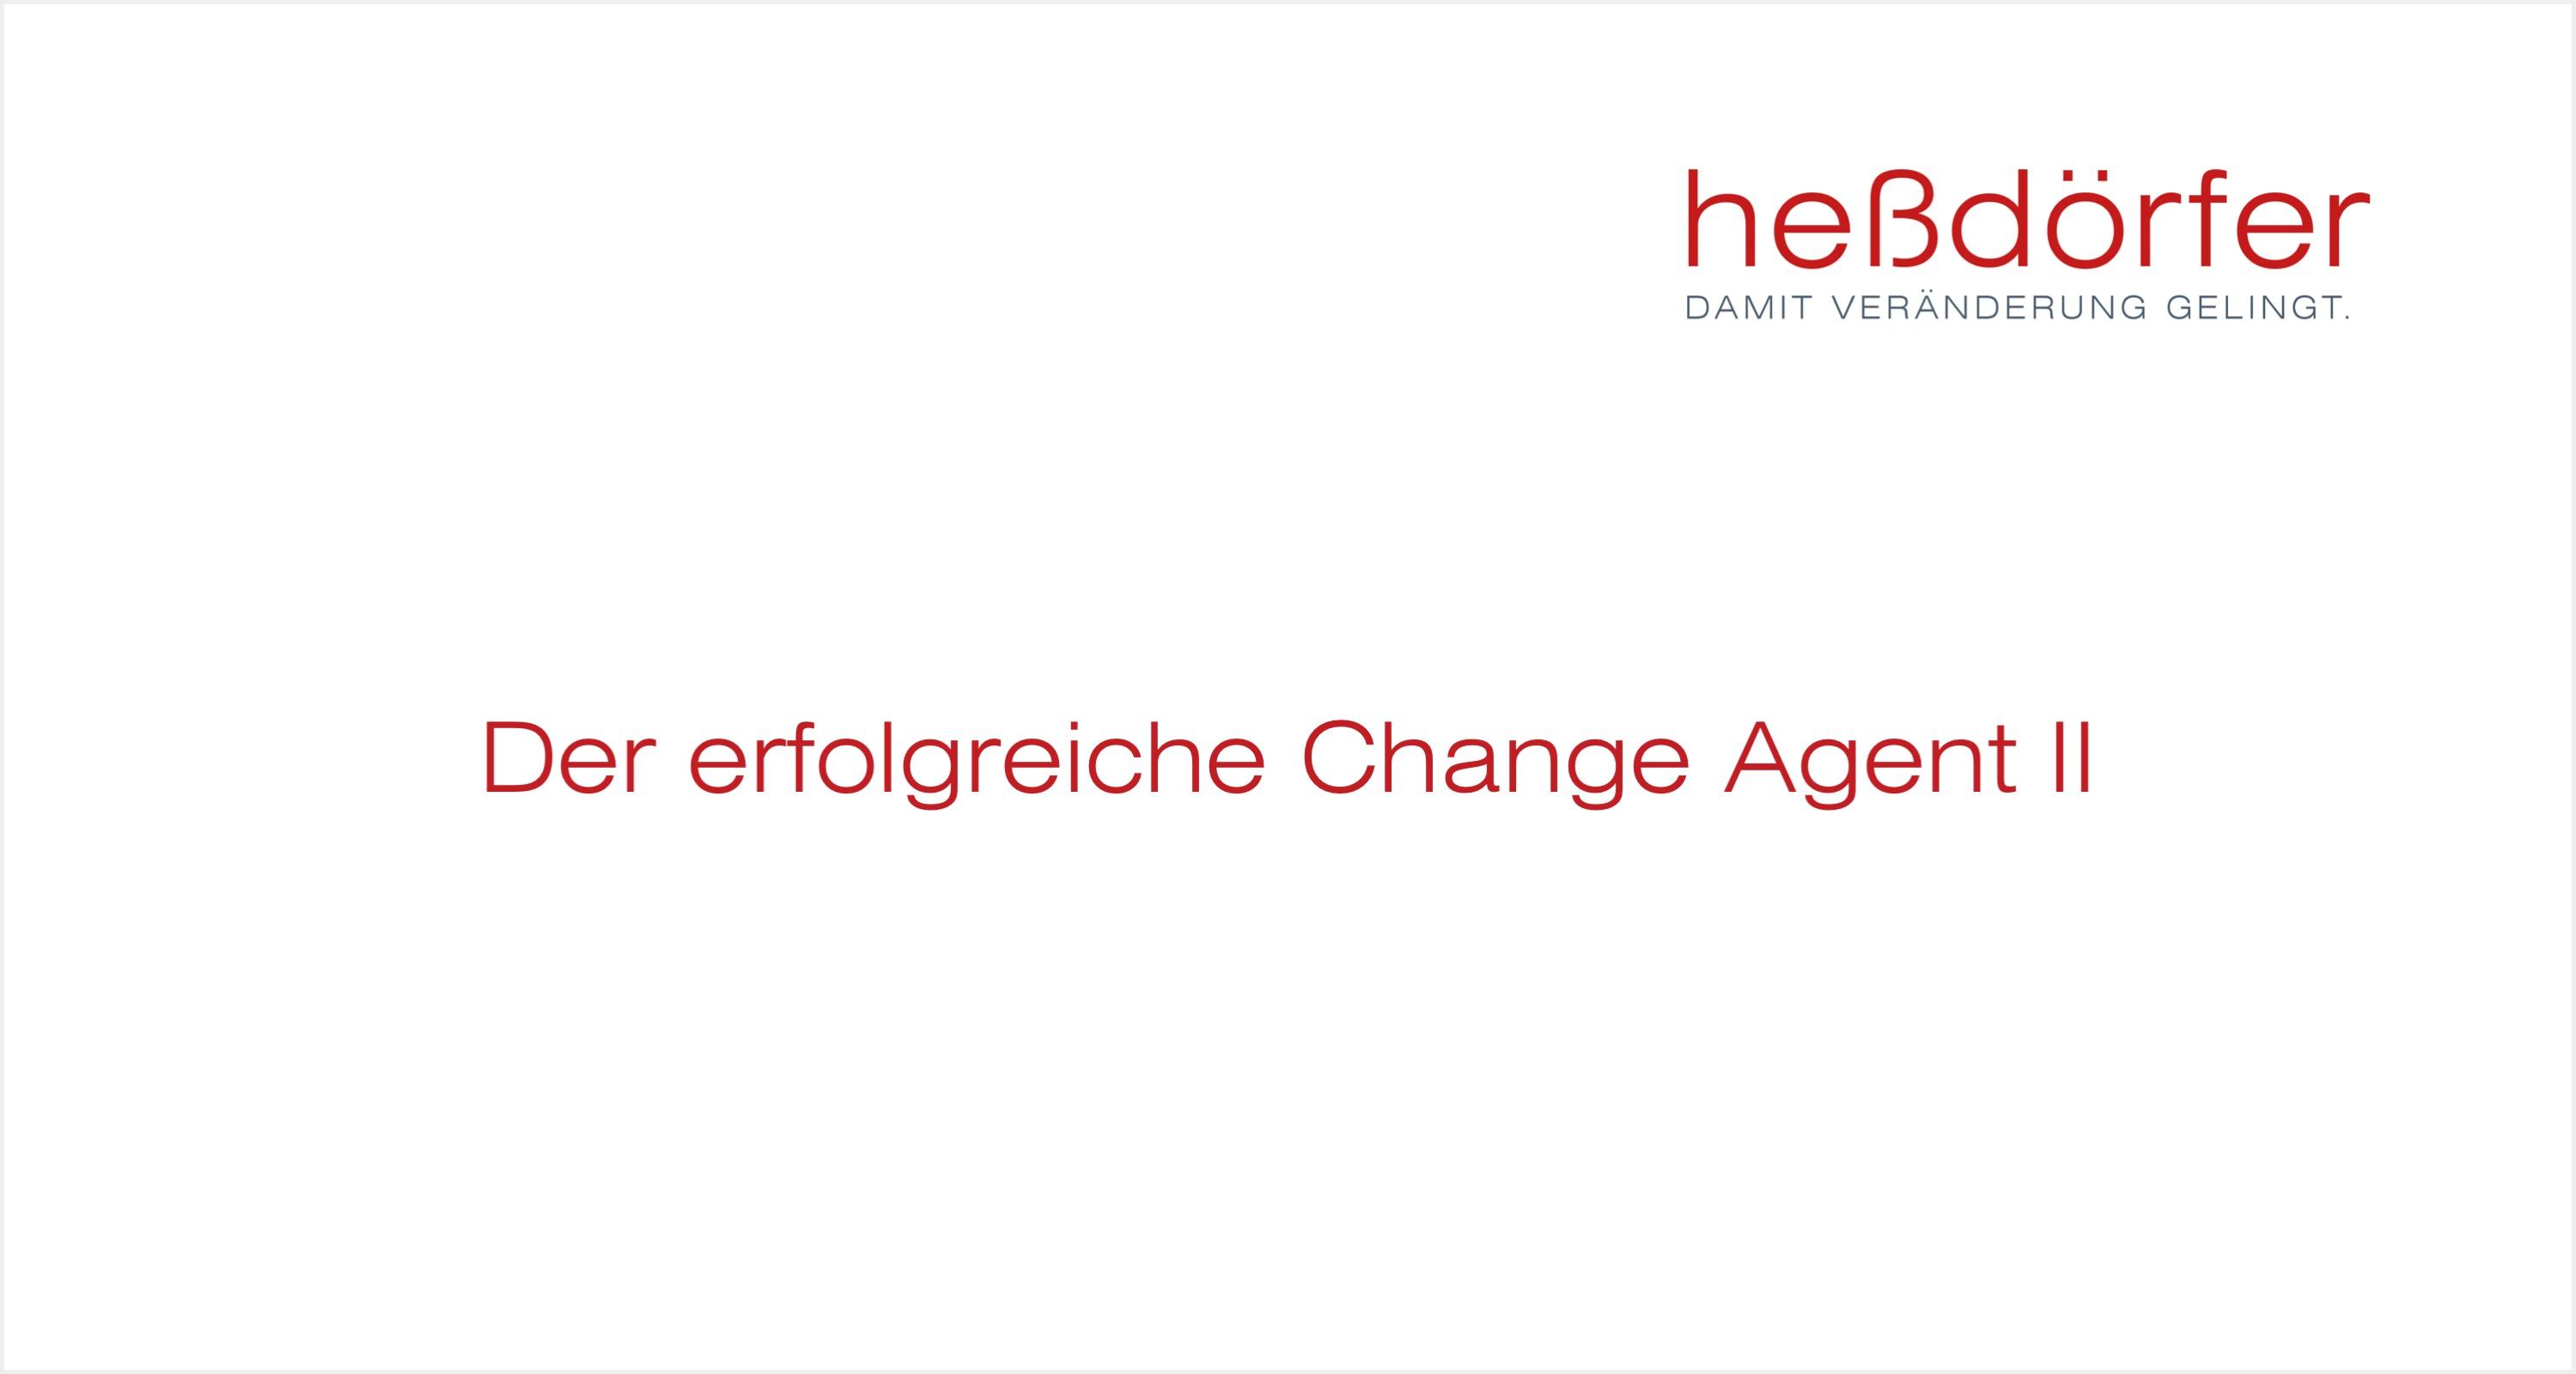 heßdörfer - Der erfolgreiche Change Agent II